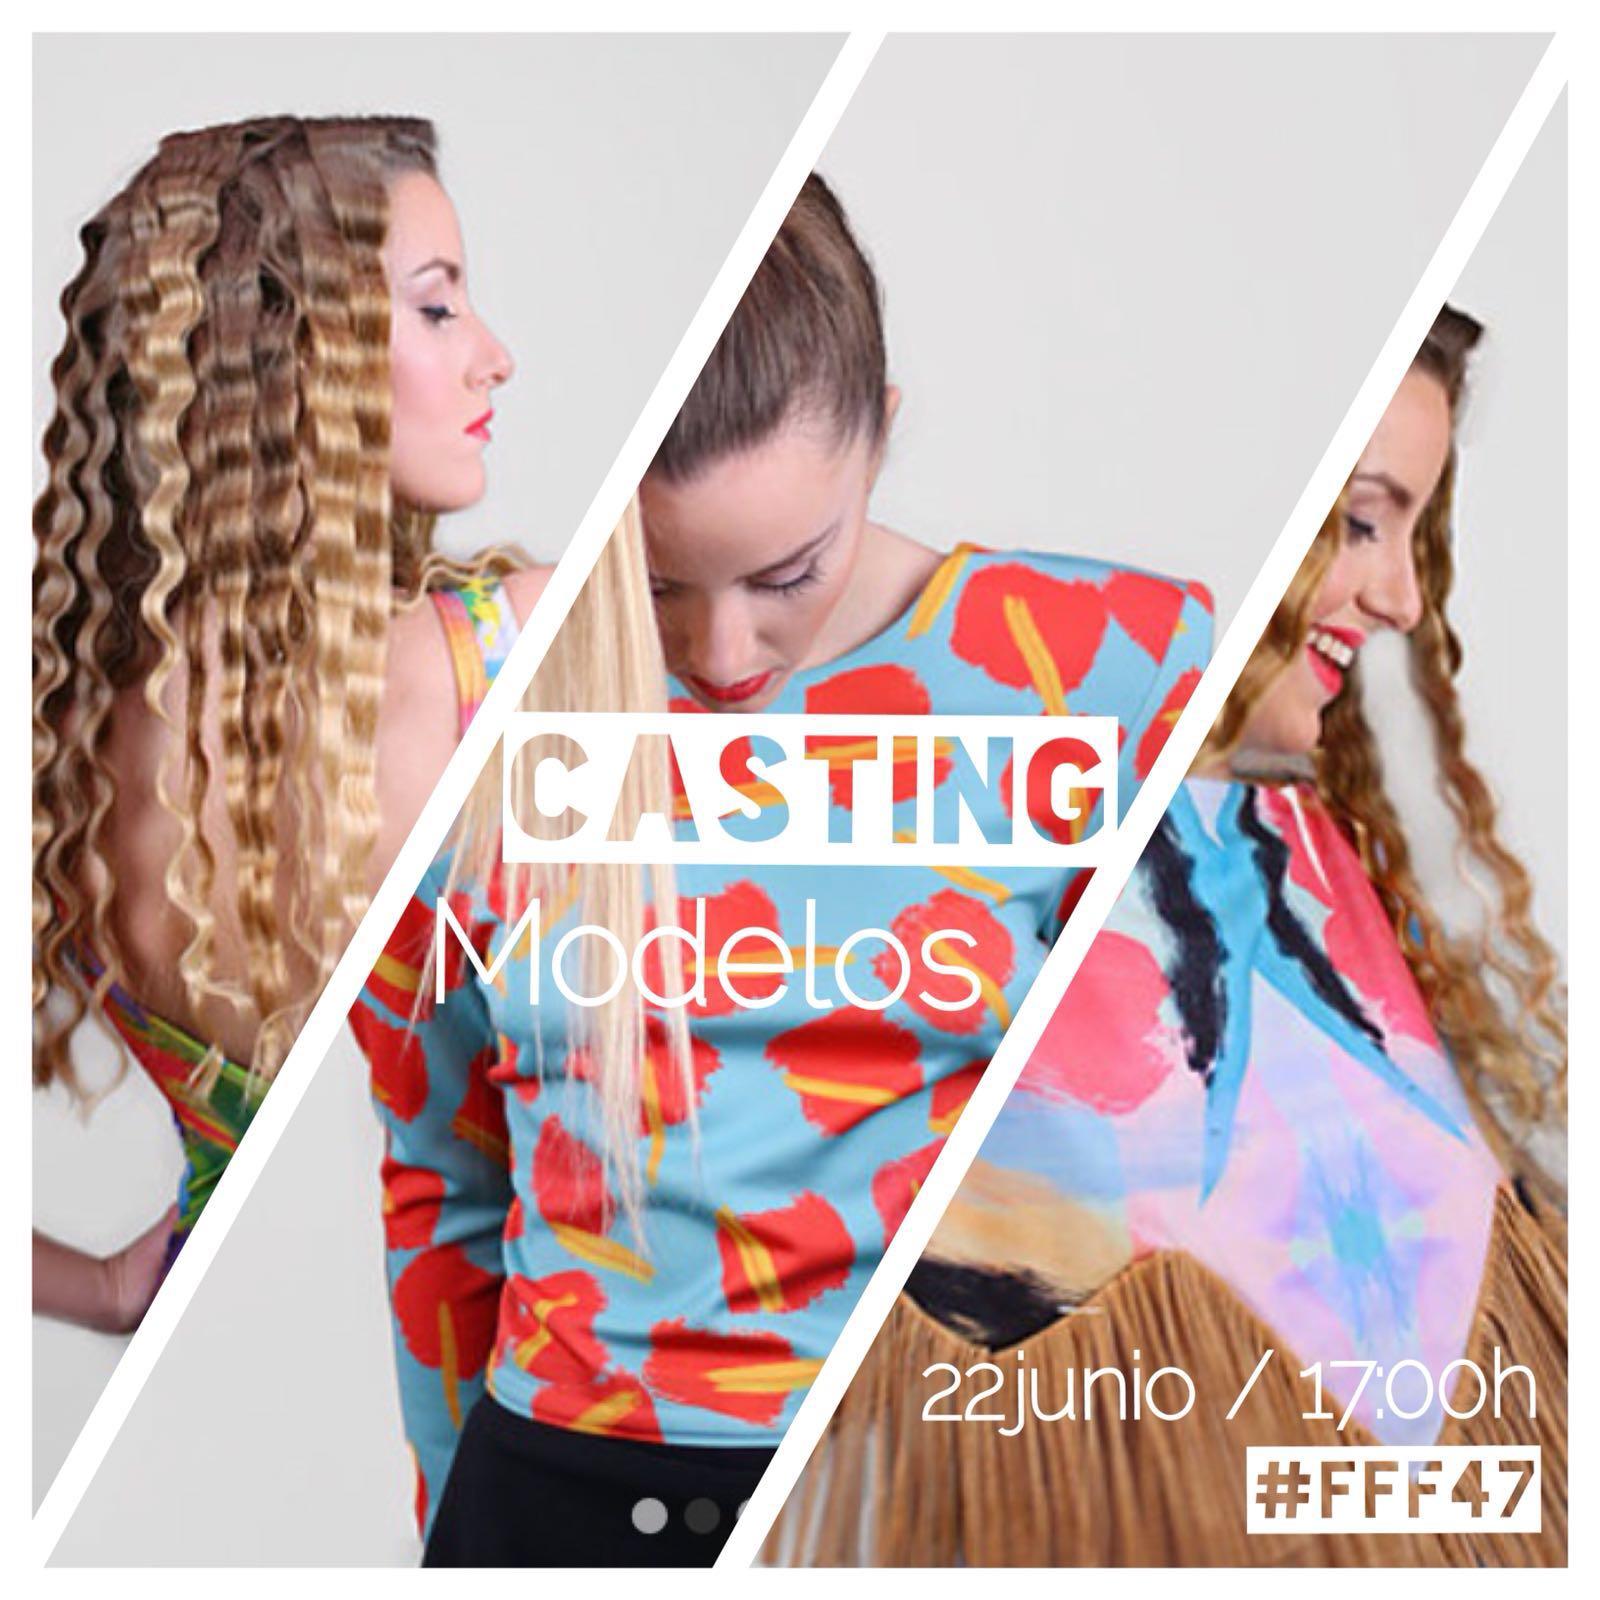 casting-fashion-friday-franja47